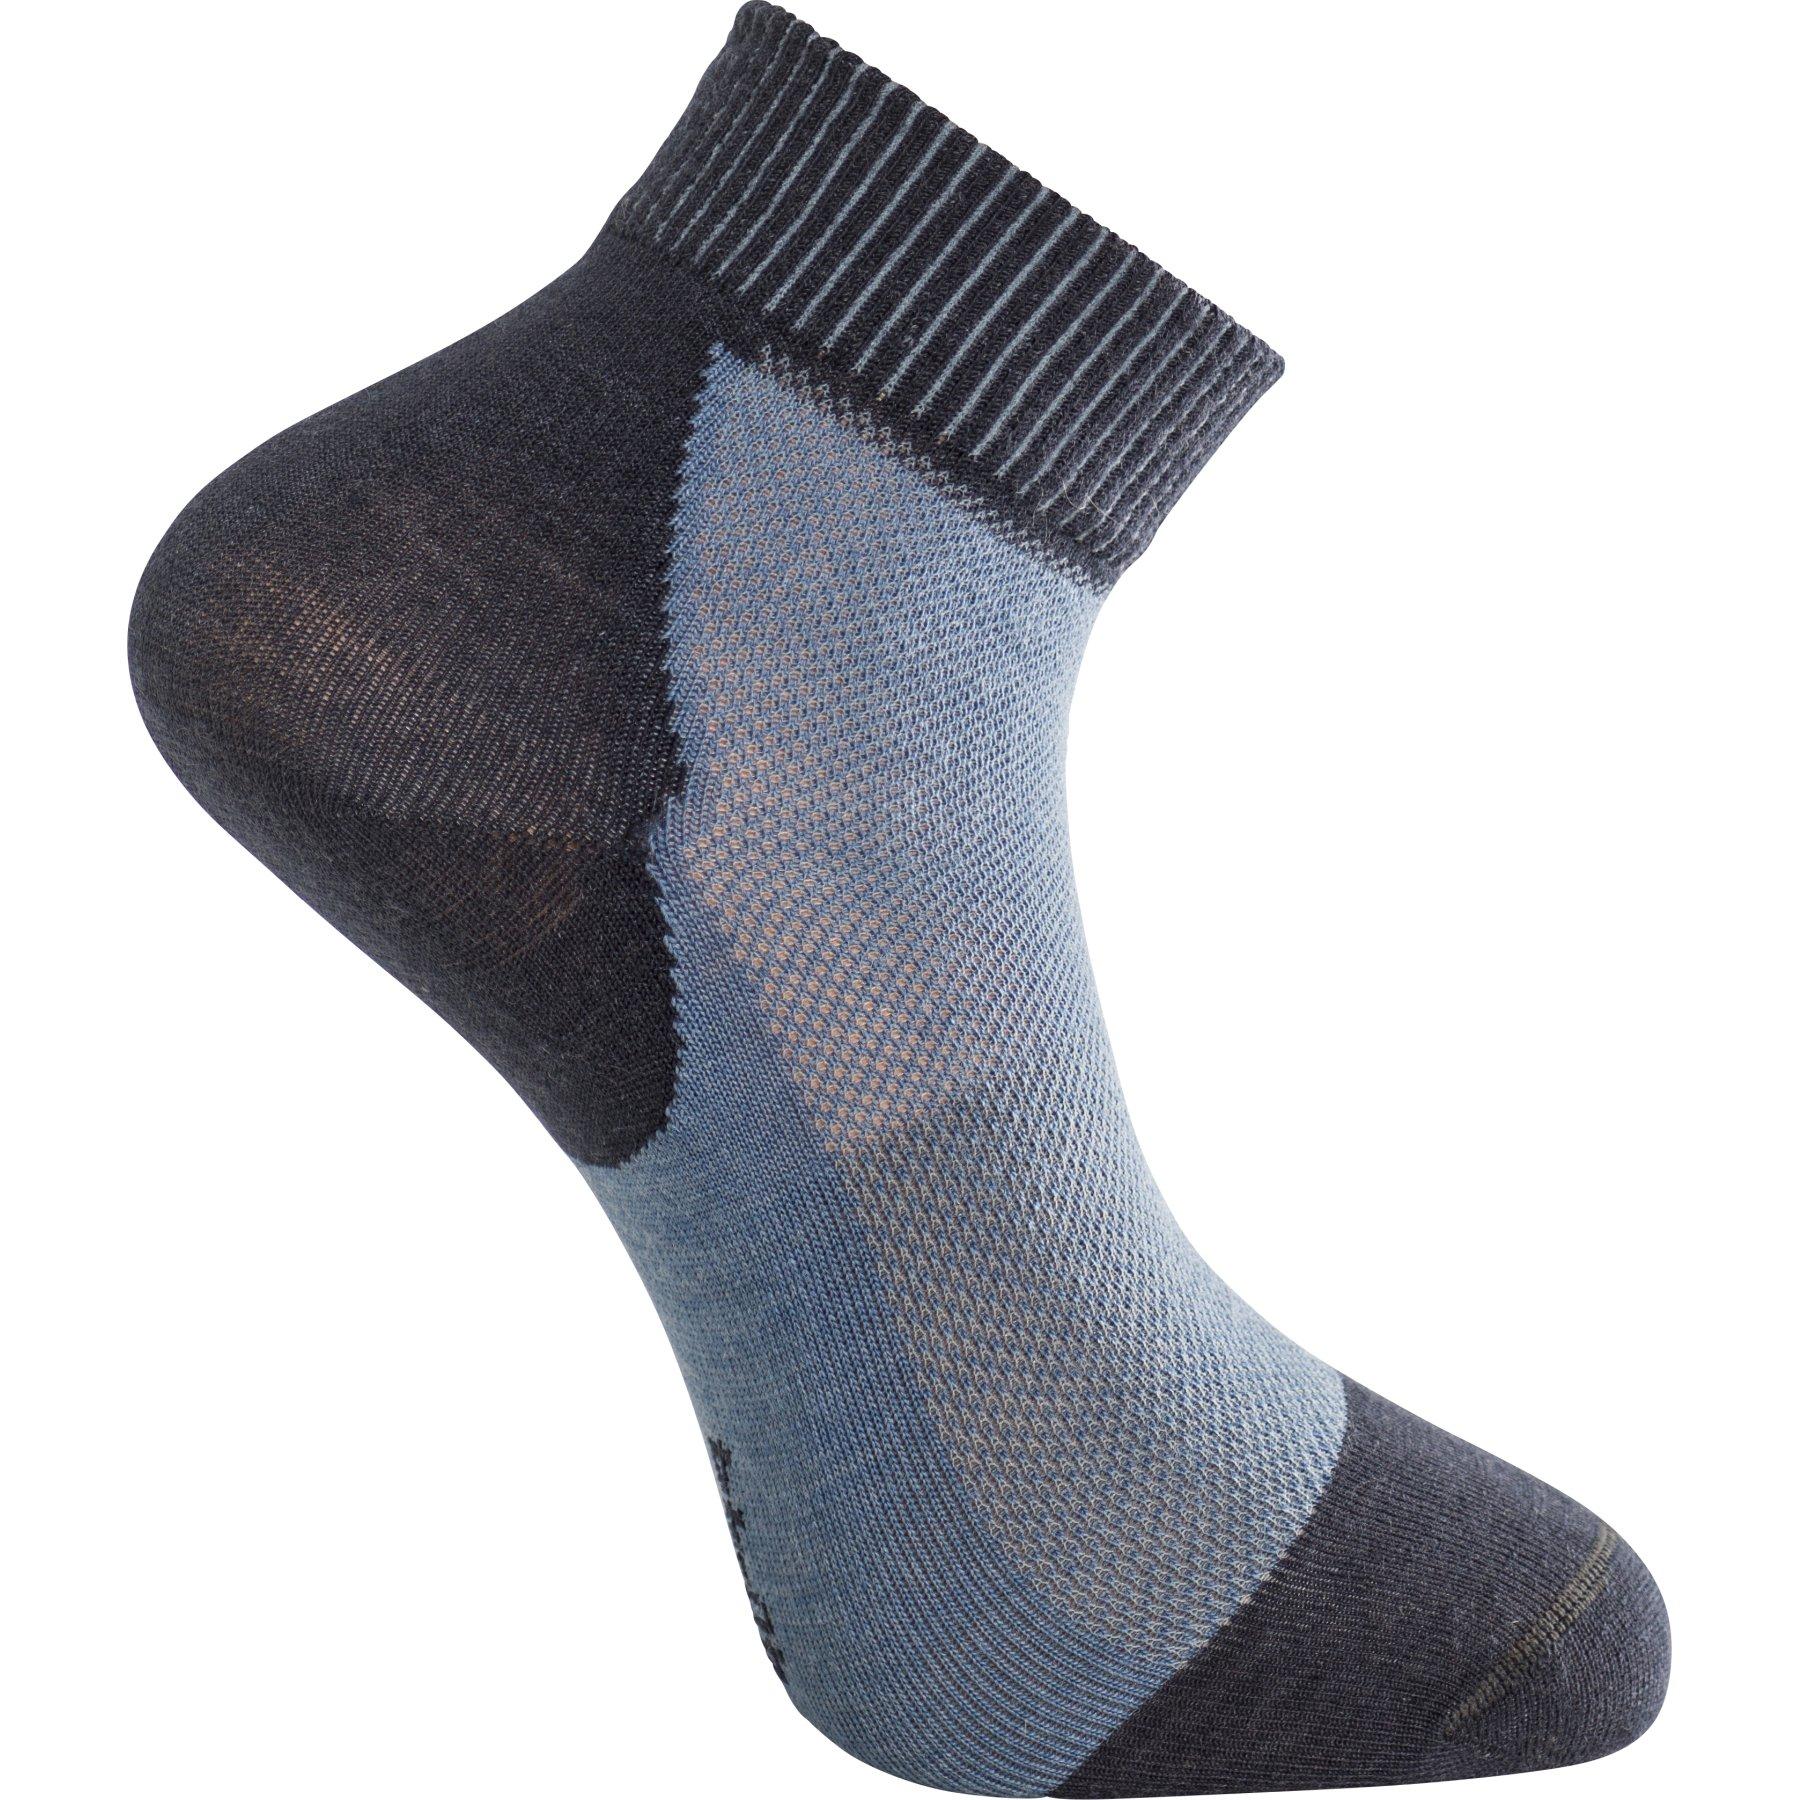 Woolpower Skilled Liner Short Socken - dark navy-nordic blue